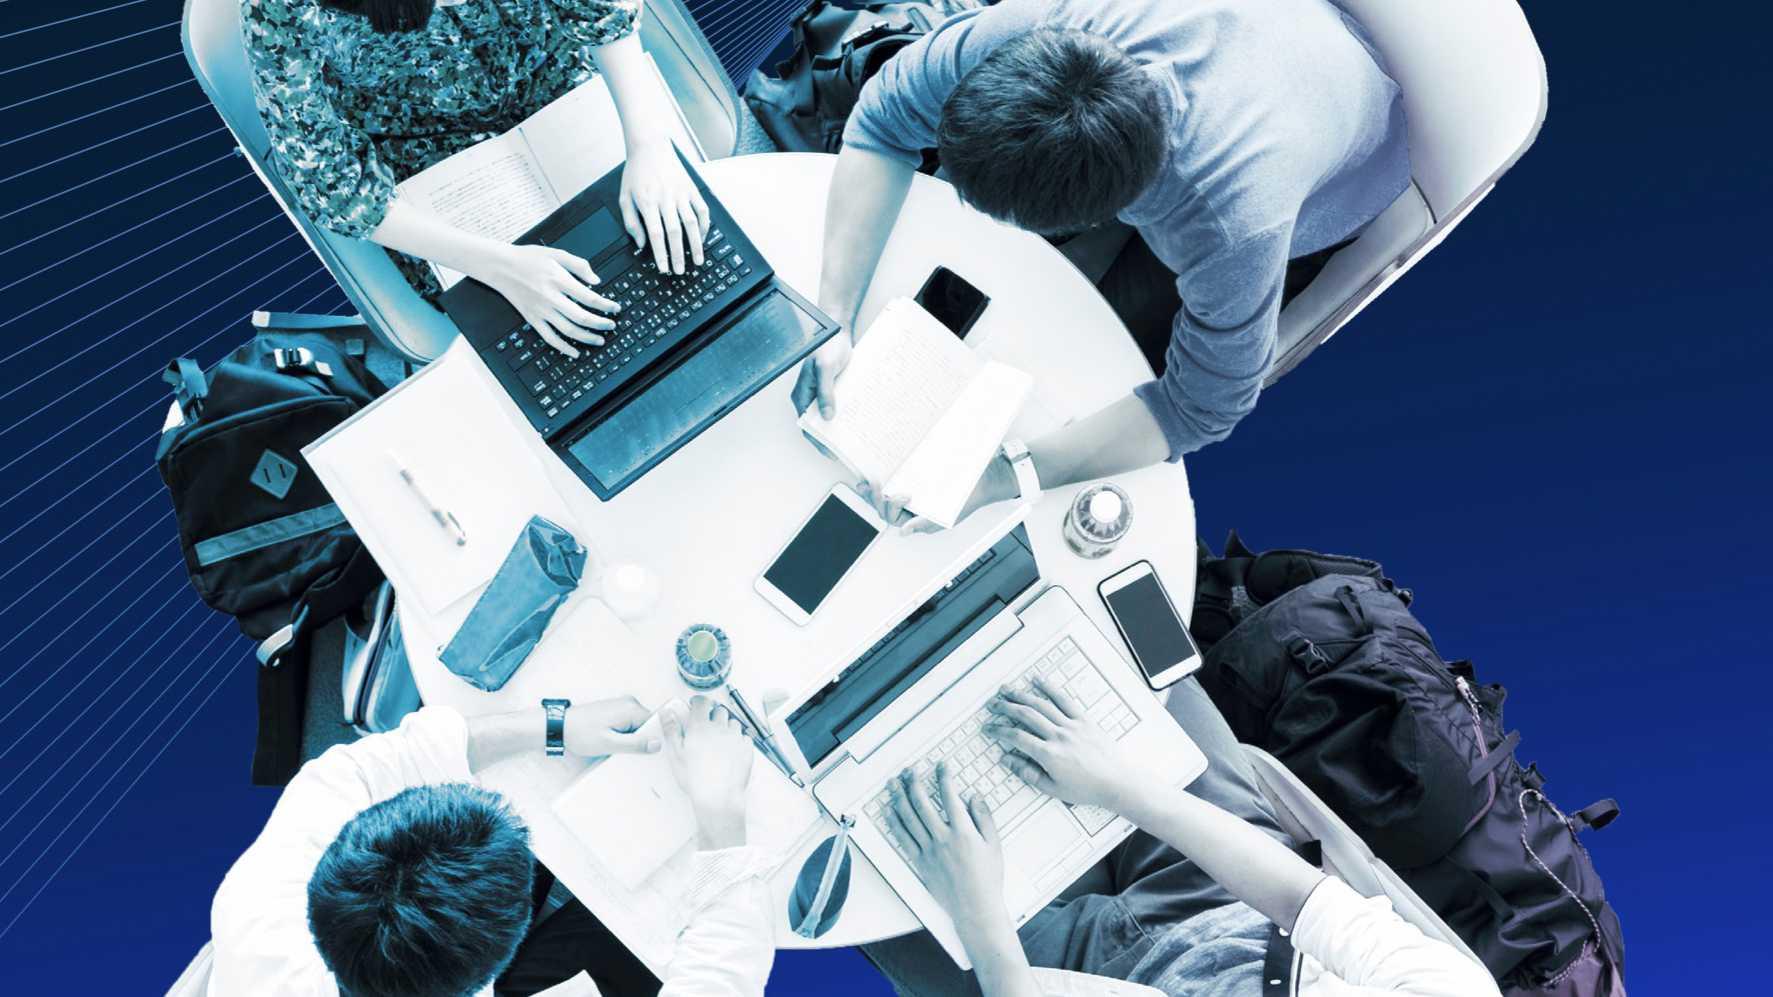 Fachkräftemangel: Öffentlicher Hand droht laut Studie Handlungsunfähigkeit